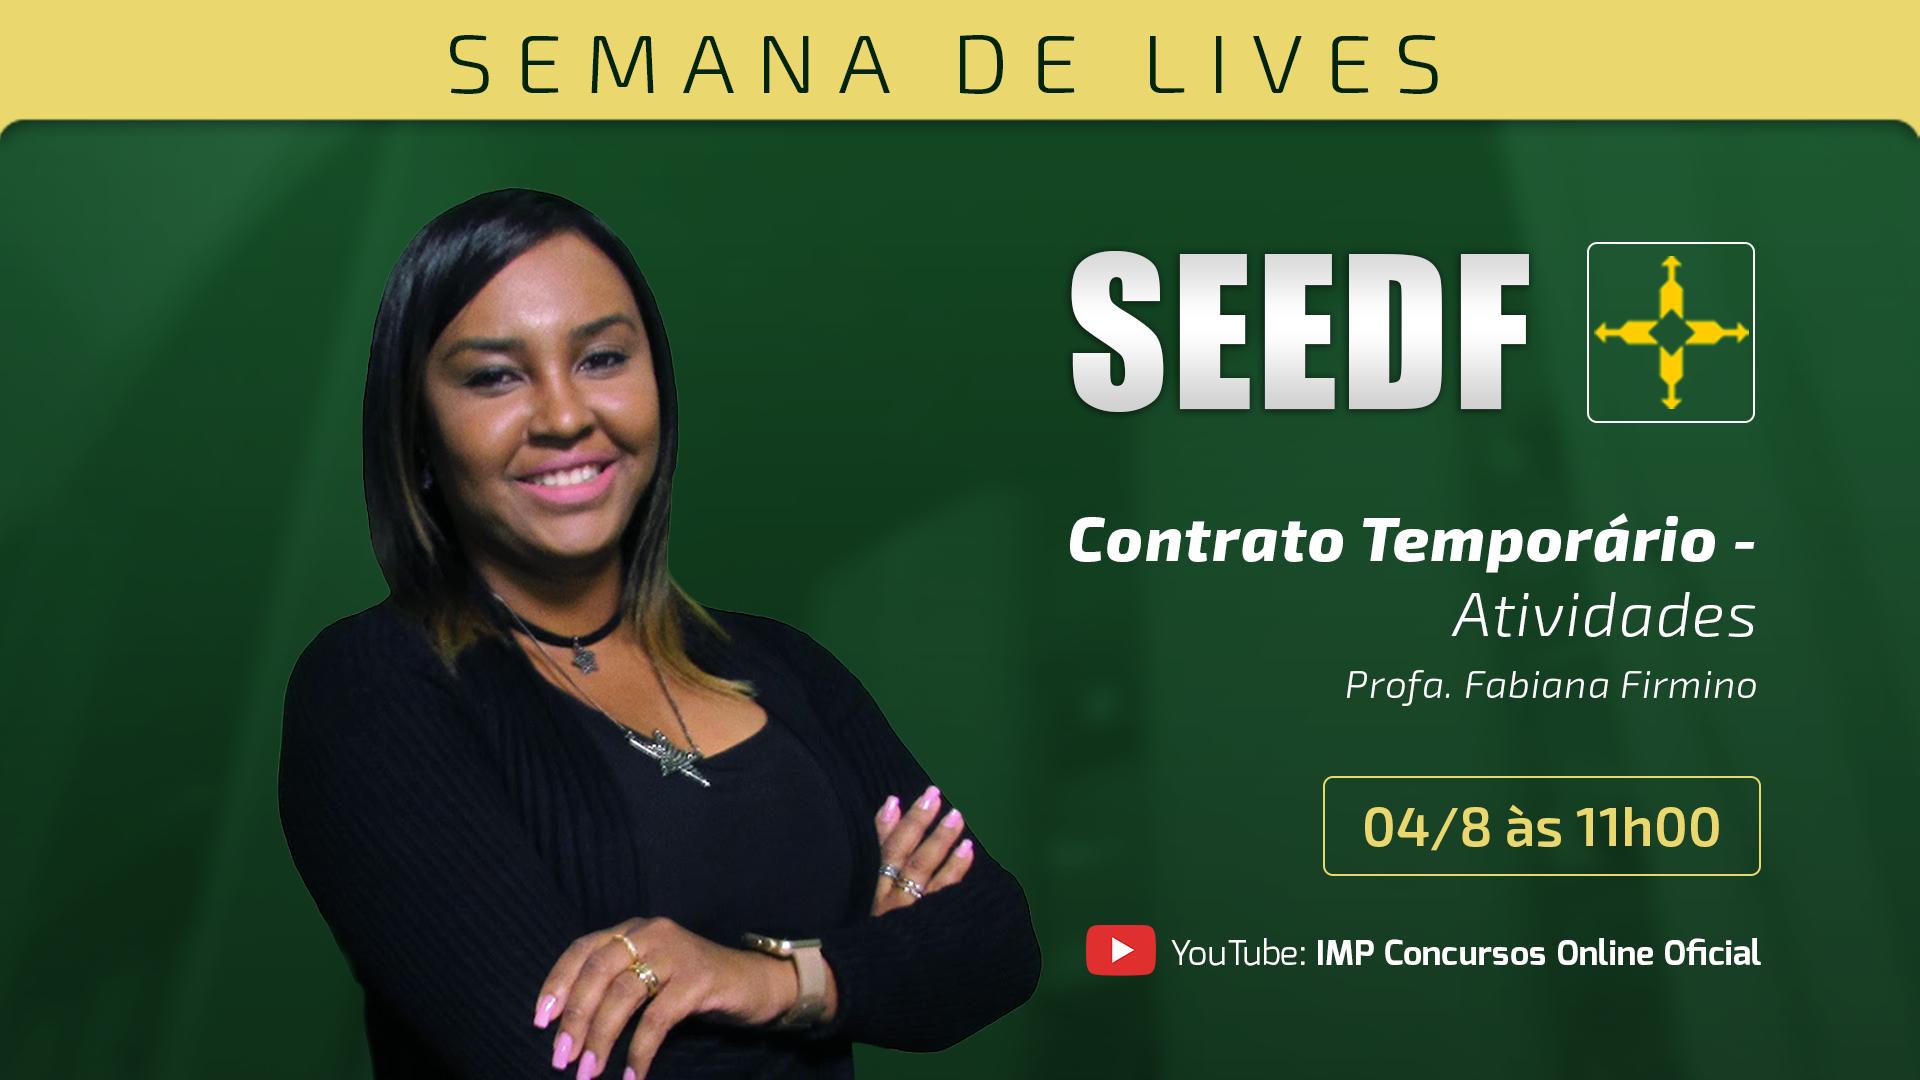 Semana de lançamento SEEDF - Contrato Temporário - Atividades